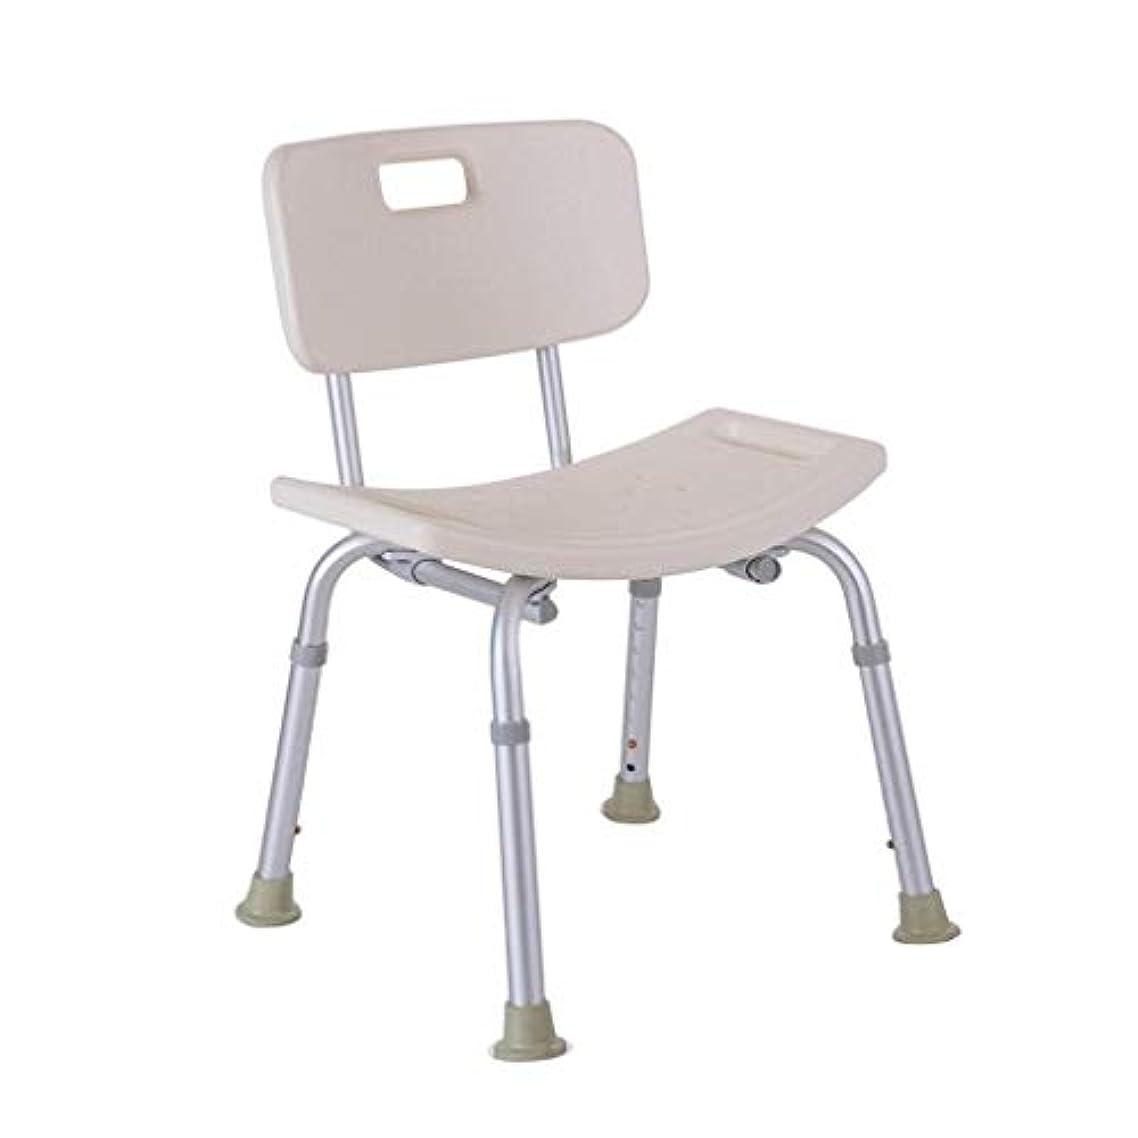 明らかに正午アミューズメントお風呂の椅子、背もたれ付き調節可能な高さ